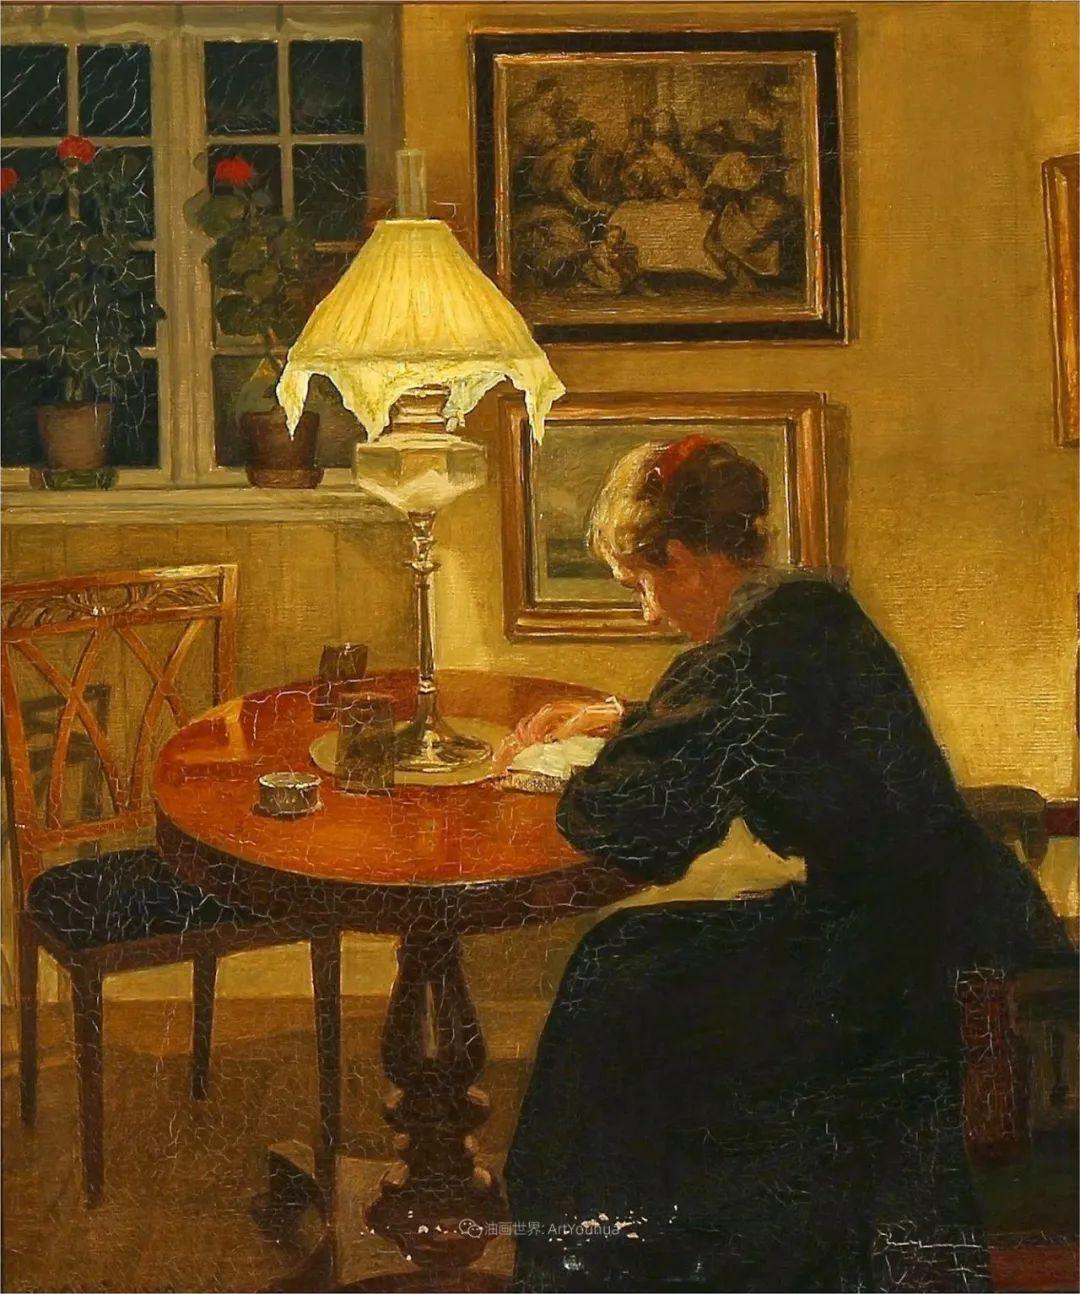 看书的女人最美丽,那一刻全世界都安静了!插图41